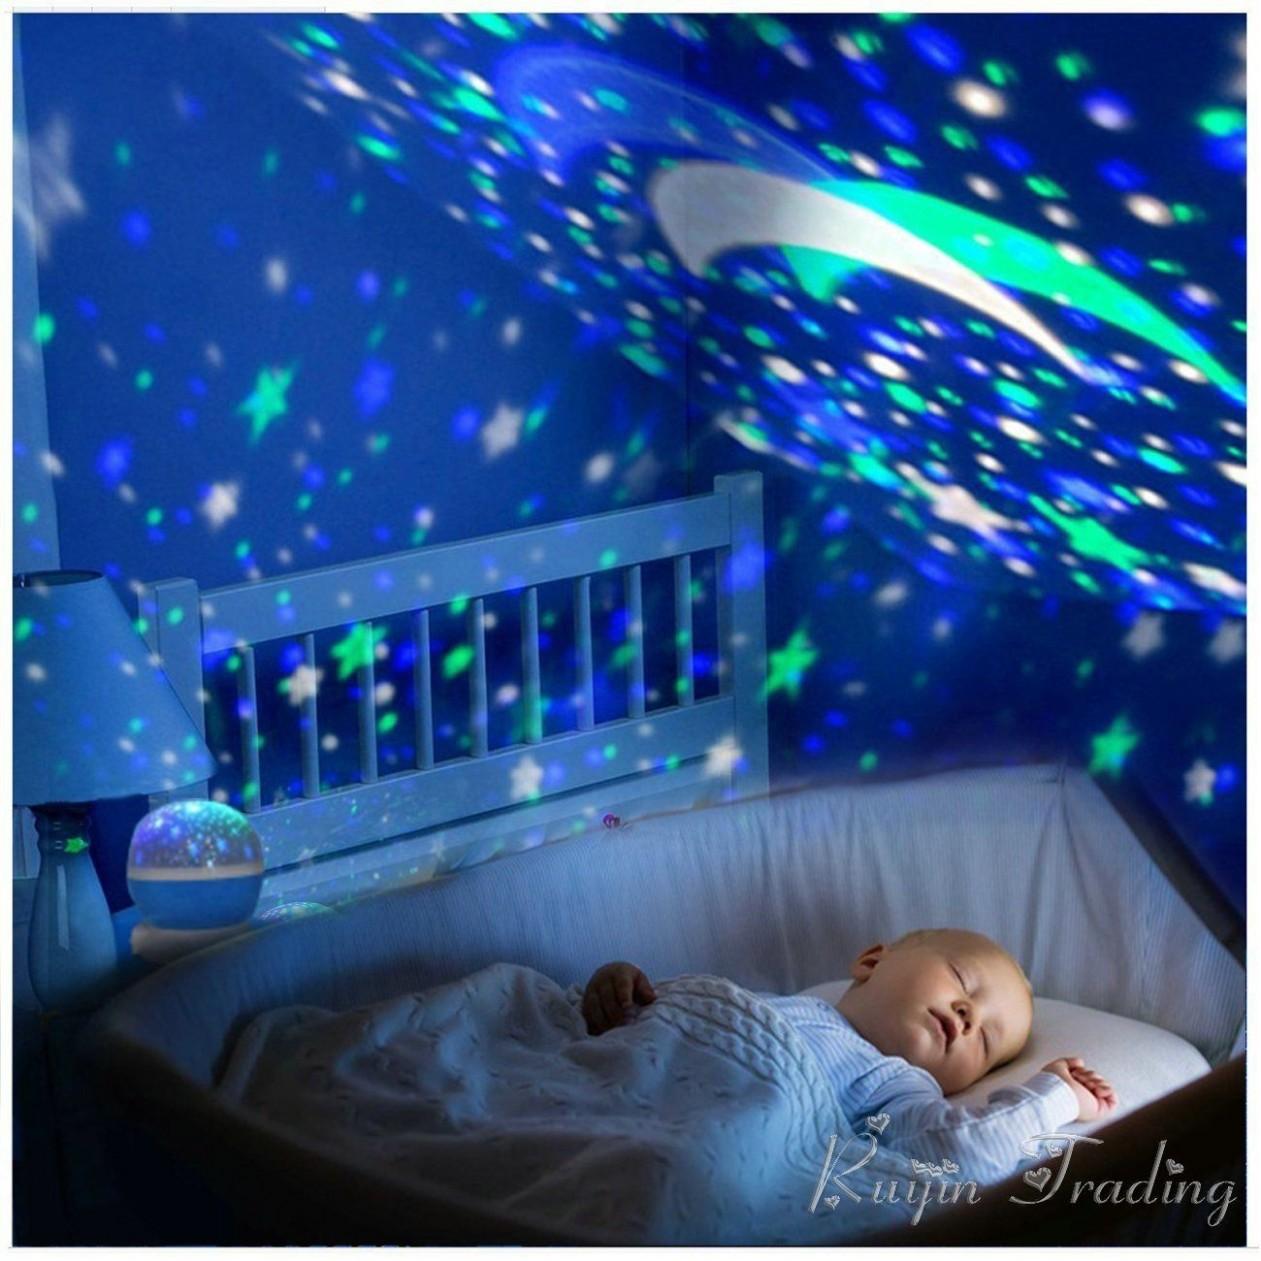 Baby Relaxing night sky lamp (BabyTimesOriginals™ Exclusive  - Baby Room Projector